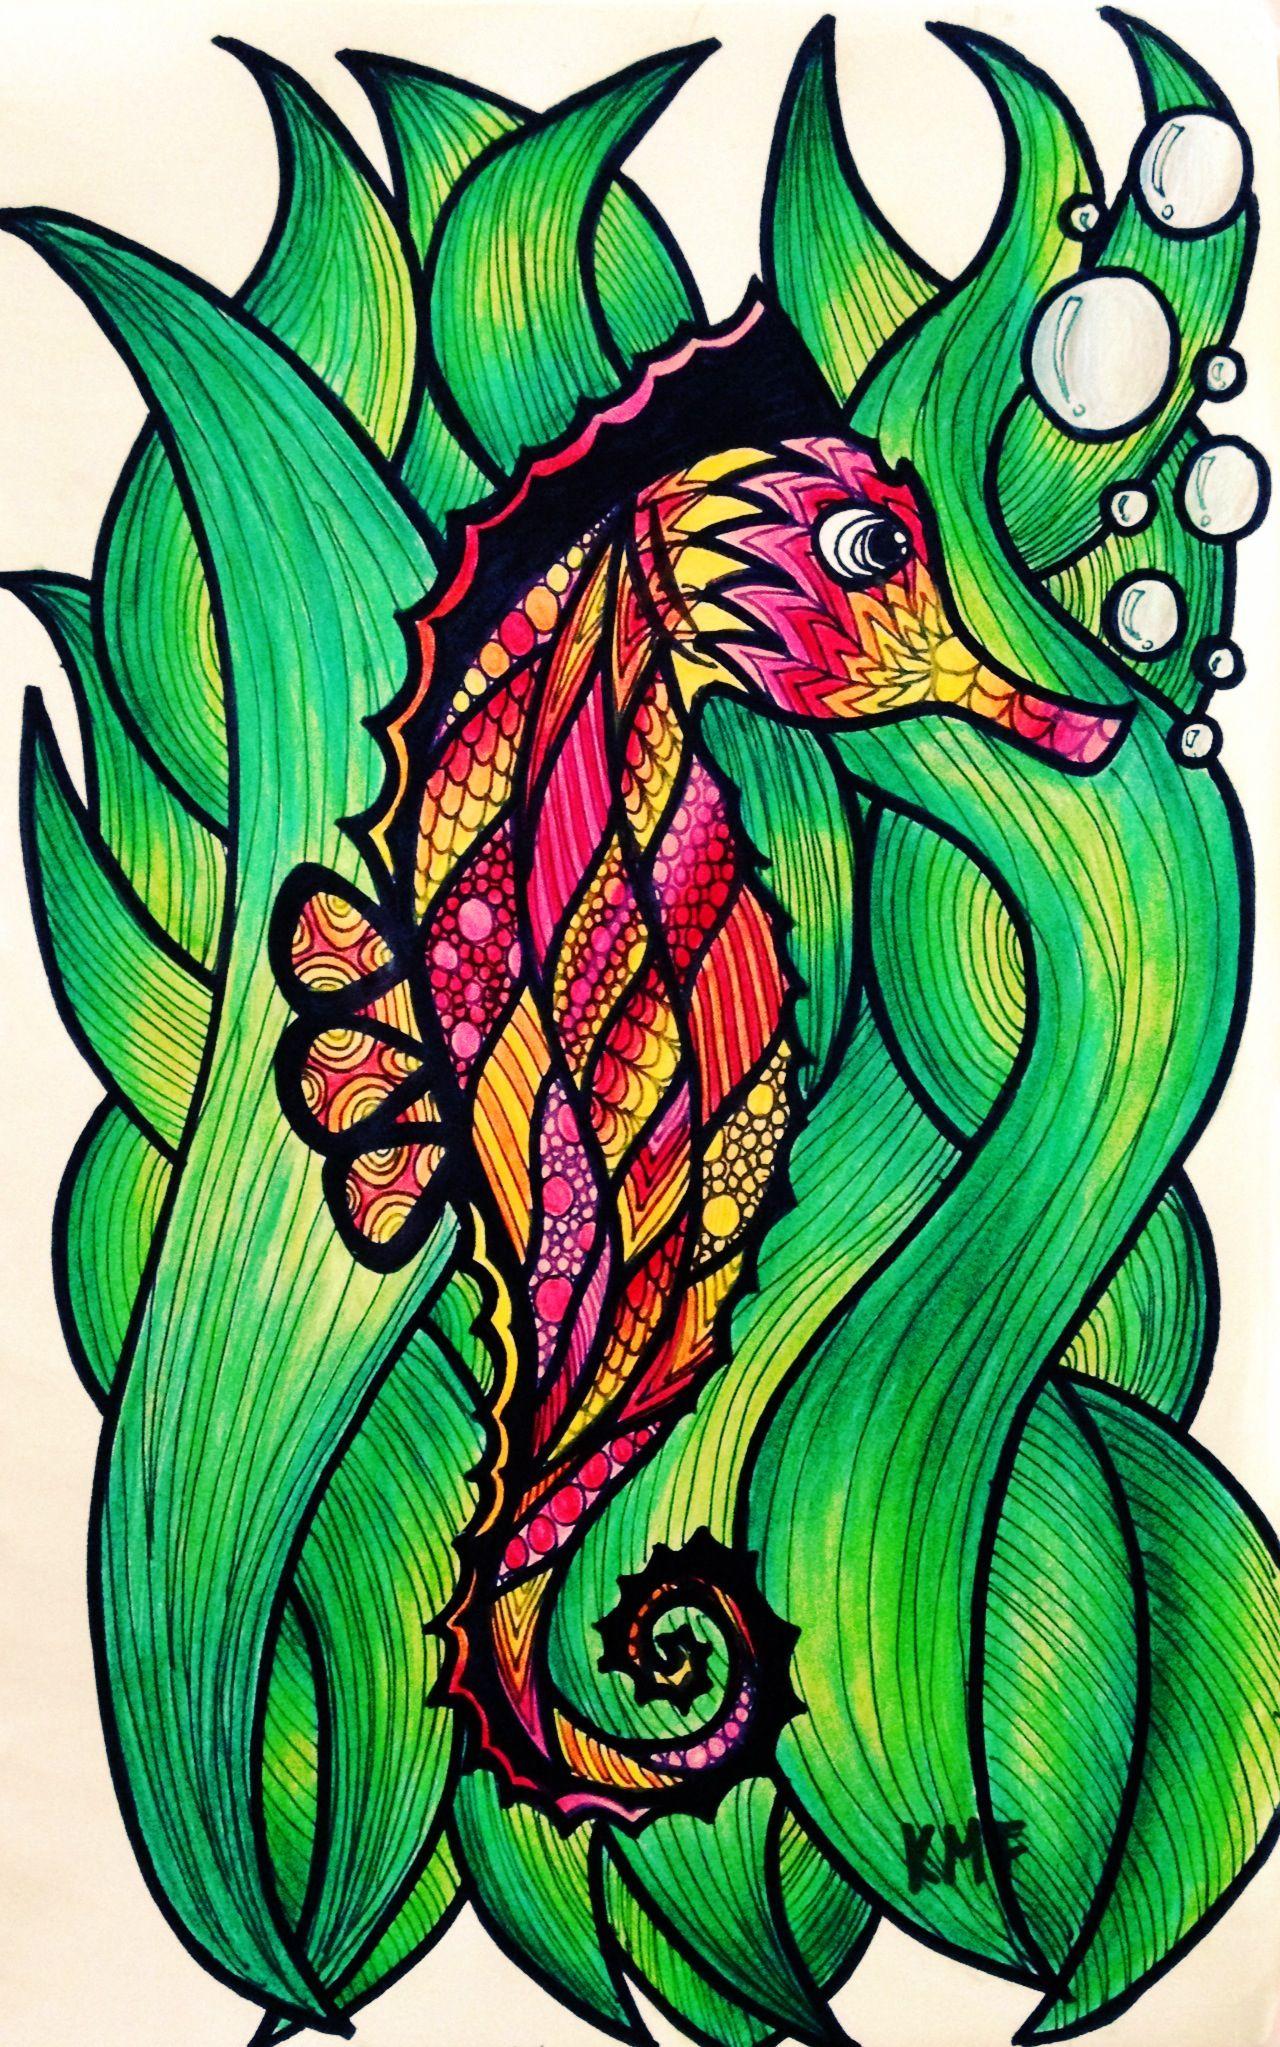 Zentangles | drawing inspo | Pinterest | Zentangles ...